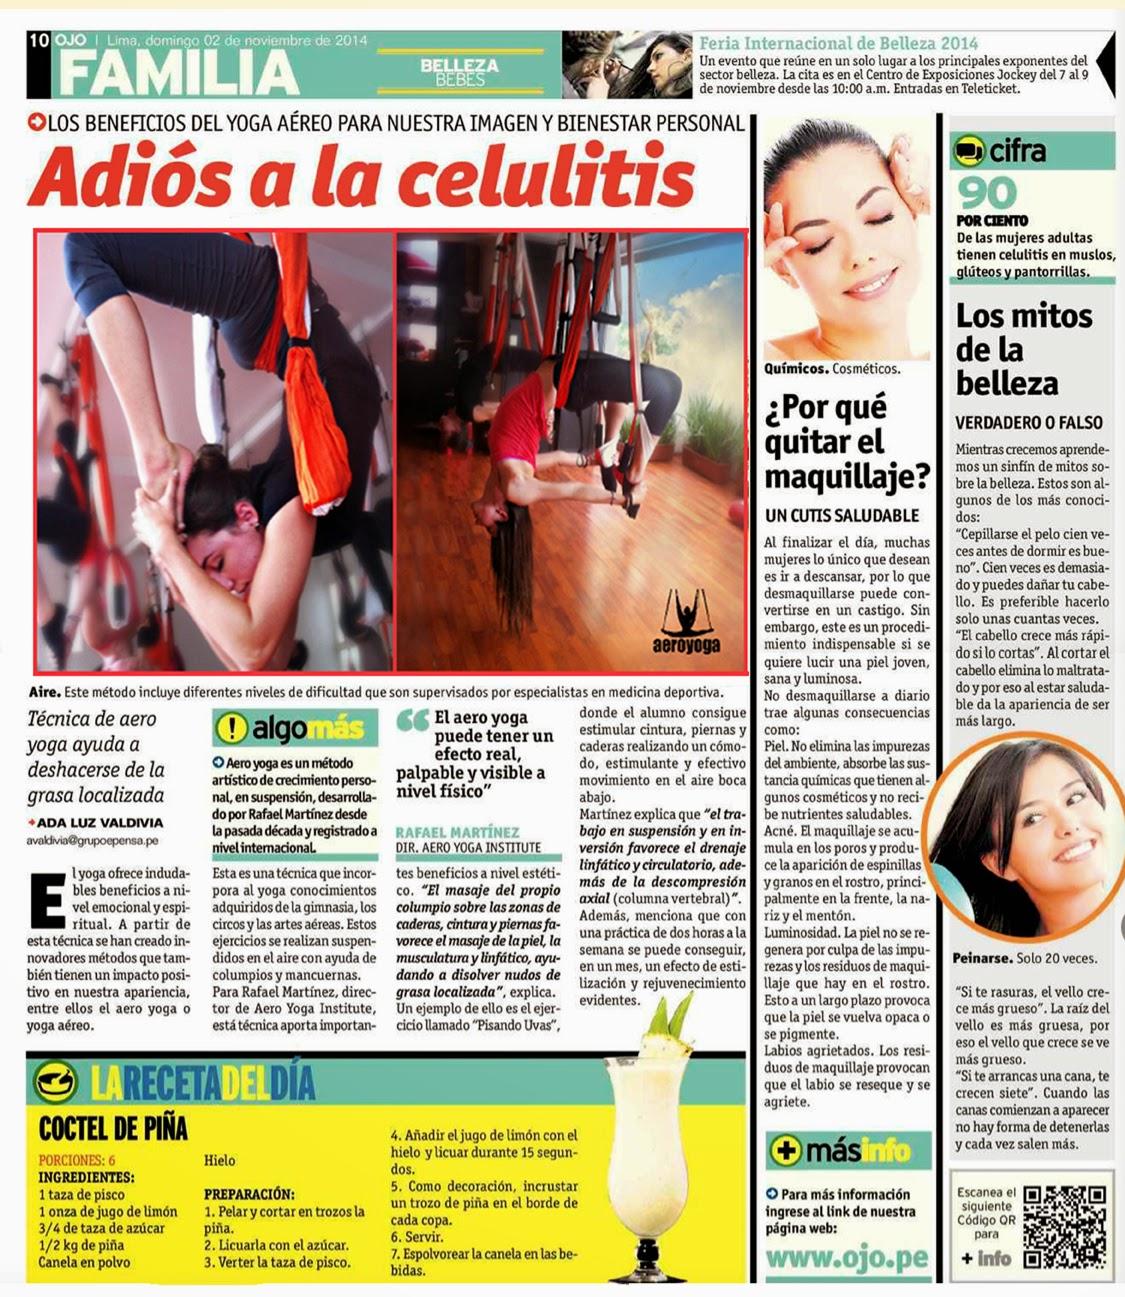 Yoga Aereo en prensa y TV